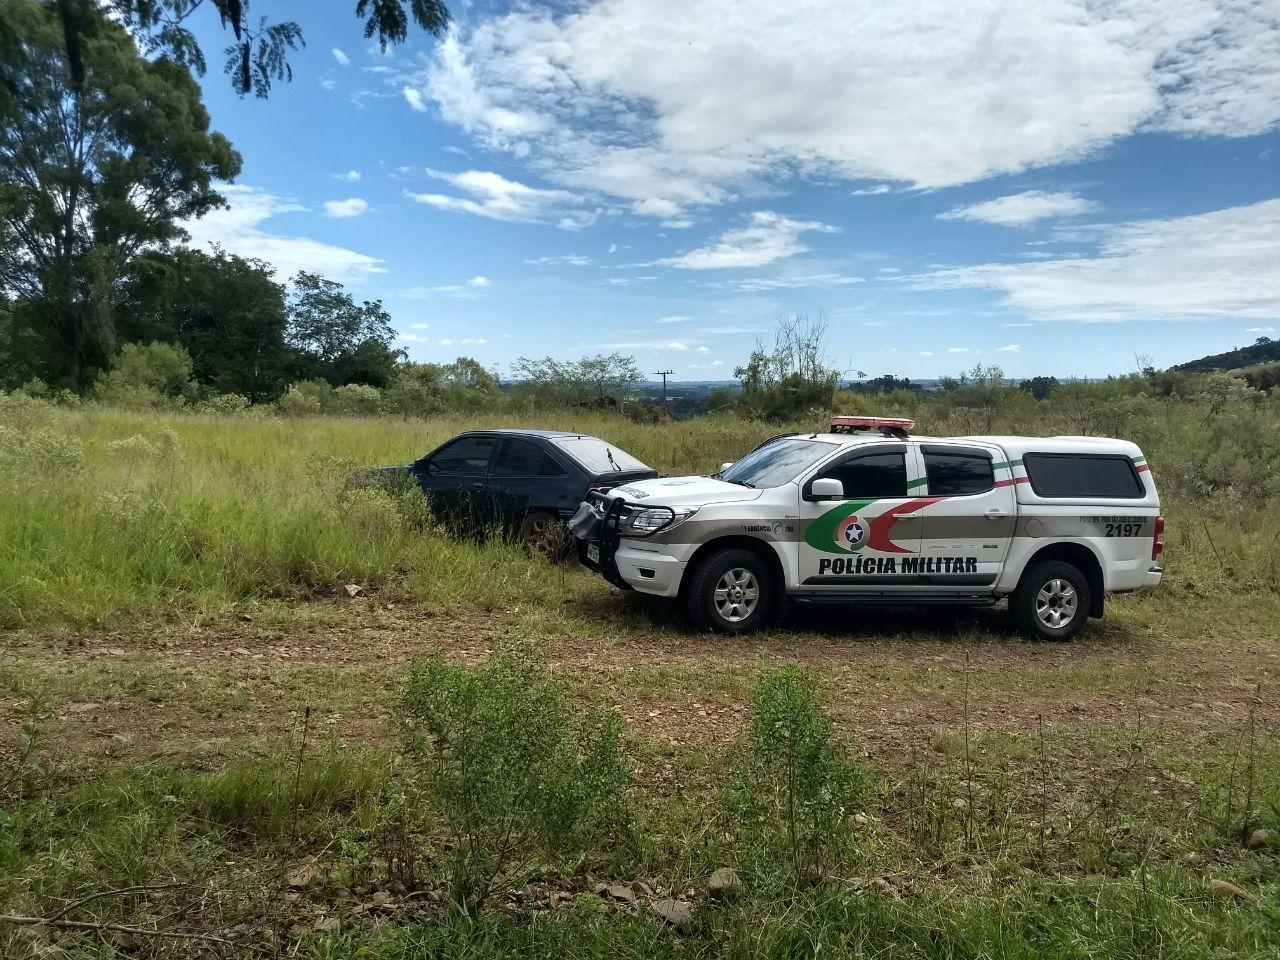 PM de São José do Cedro recupera veículo furtado após denúncia